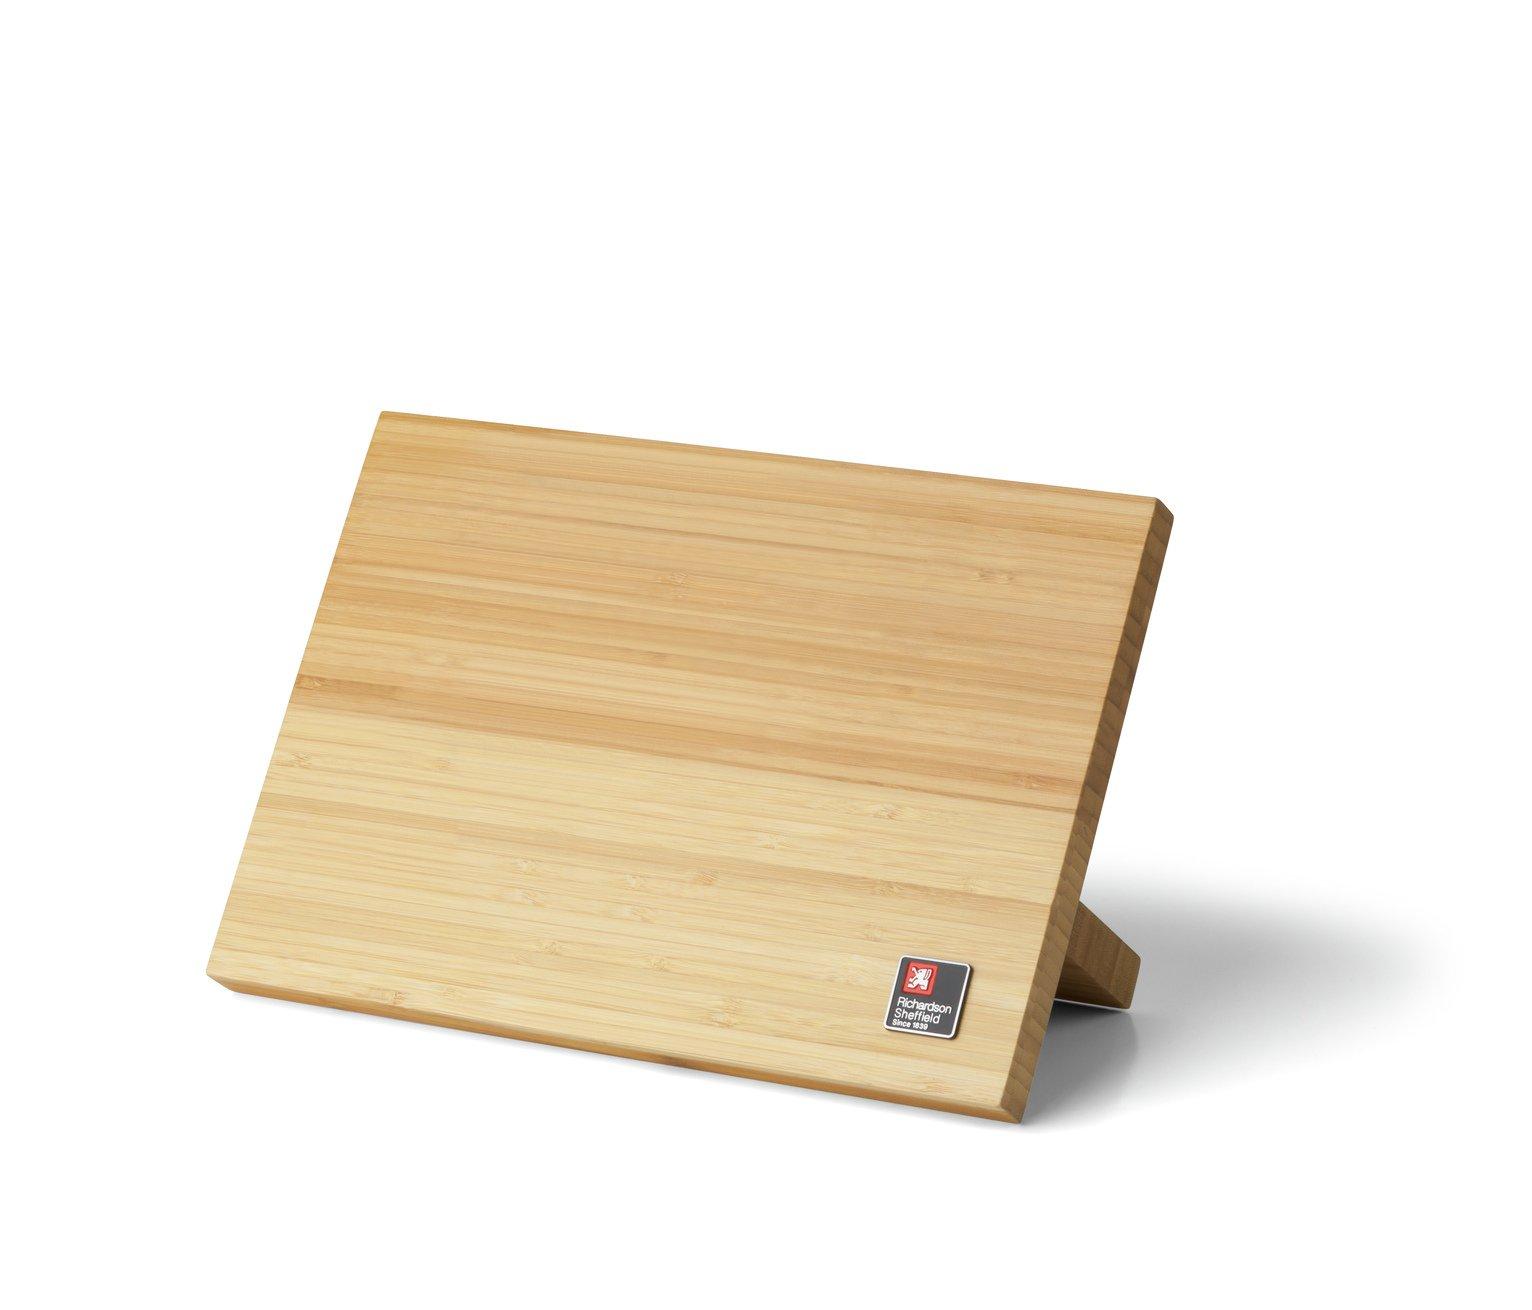 Richardson Sheffield Bamboo Magnetic Knife Block